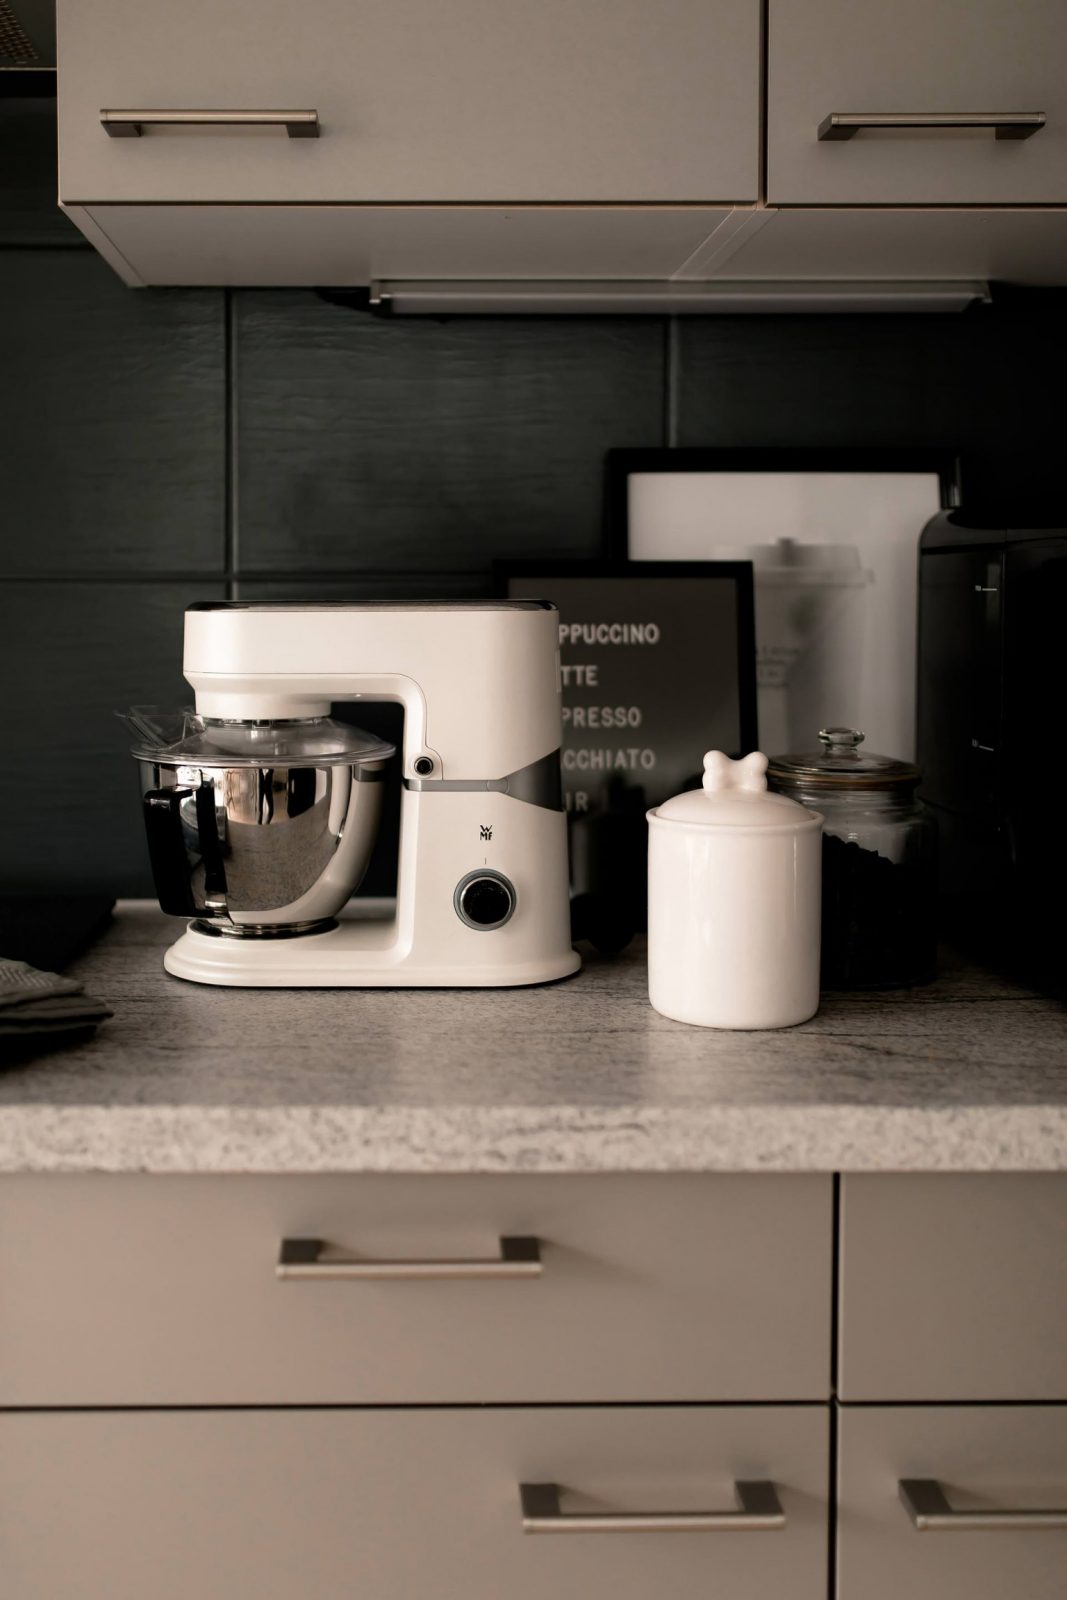 Küche Verschönern Mit Wenig Aufwand Mein Küchenmakeover Inkl von Küche Neu Gestalten Vorher Nachher Photo